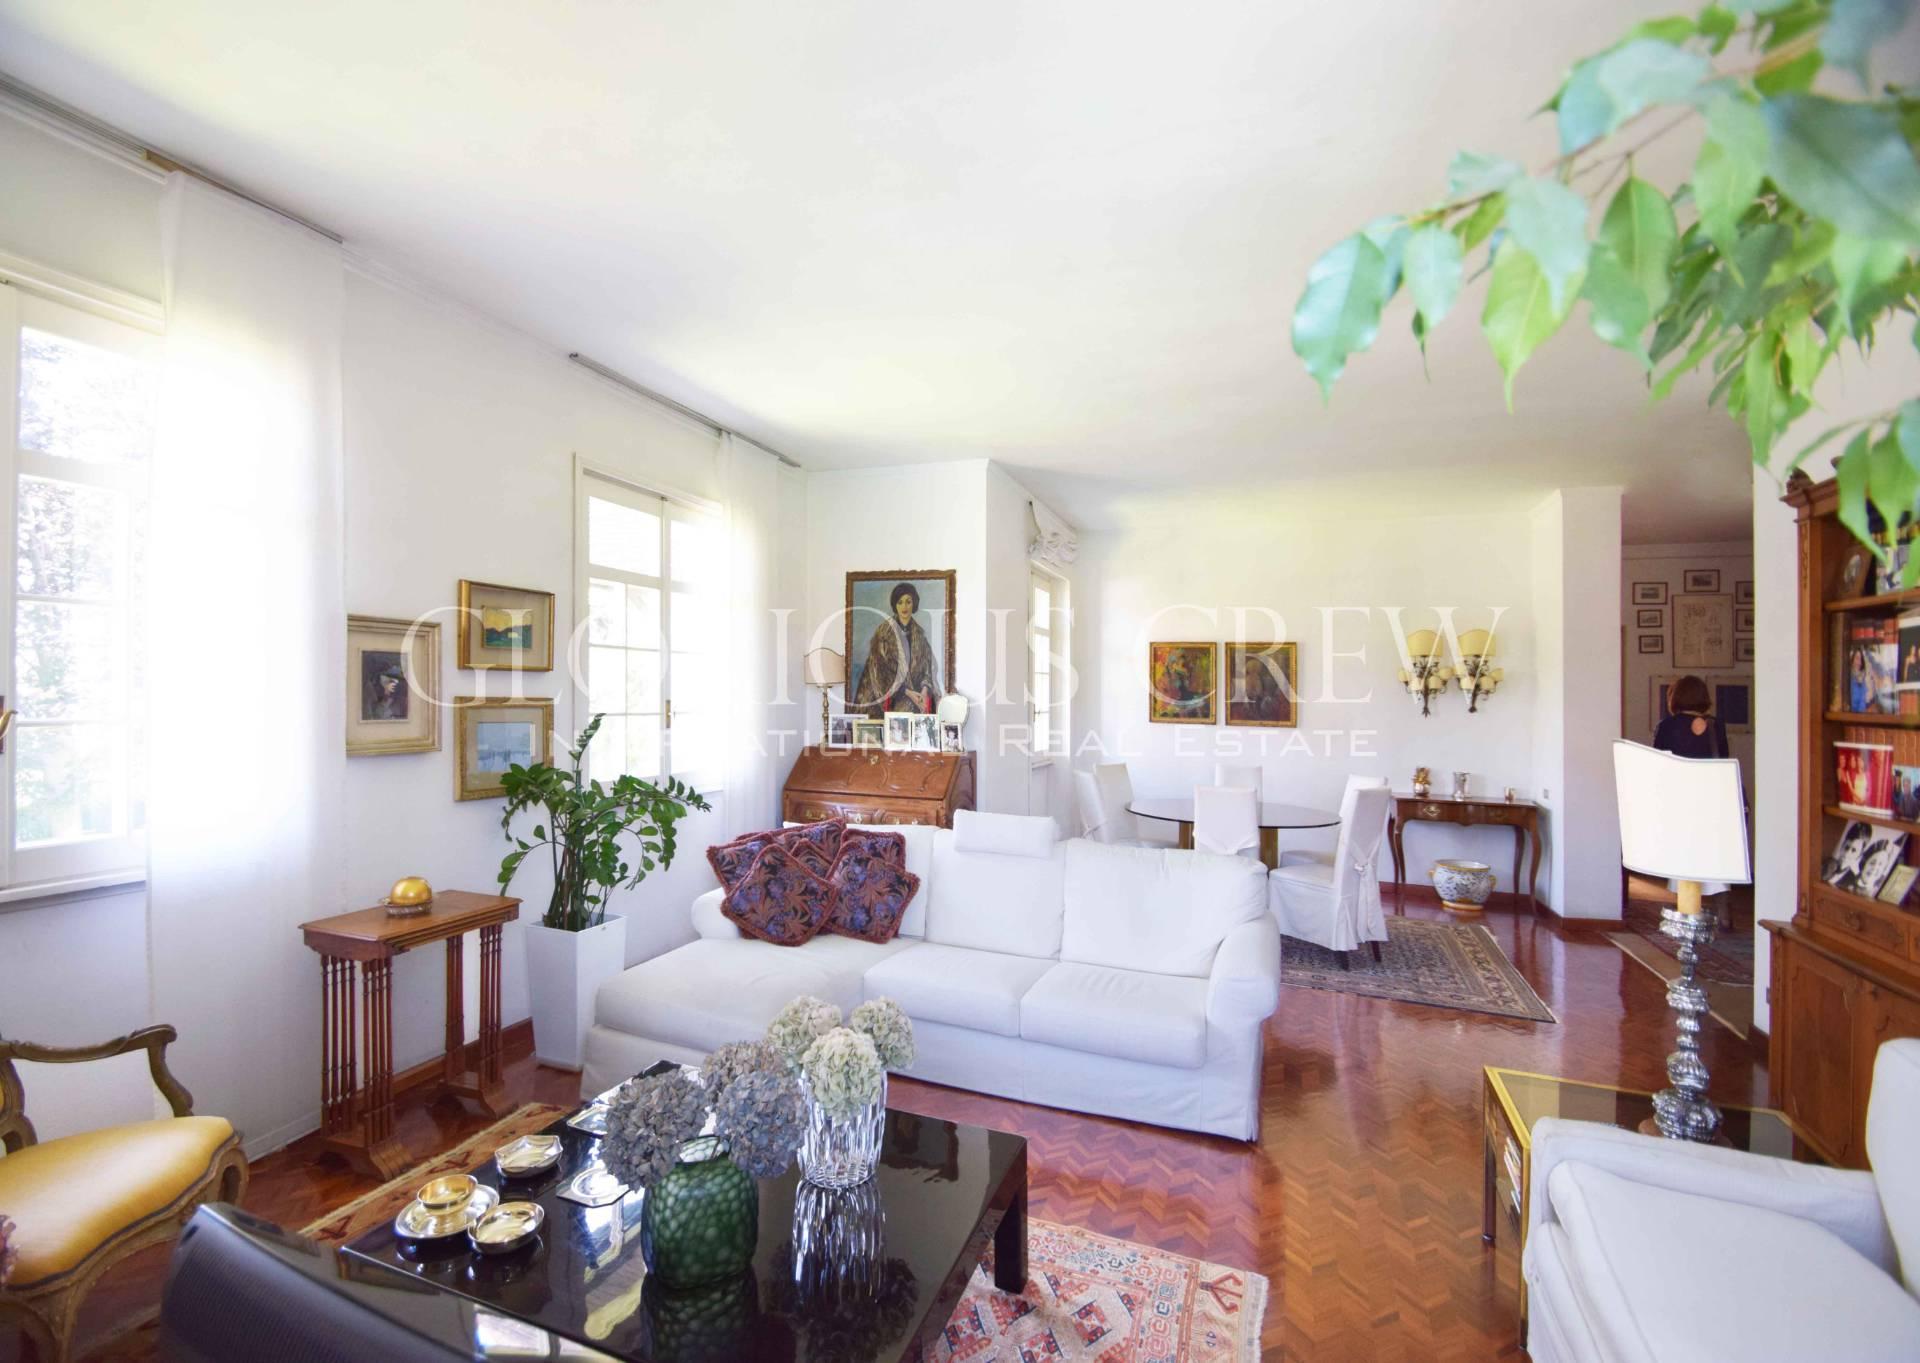 Appartamento in Vendita a Milano 18 Ippodromo / San Siro / Zavattari: 4 locali, 160 mq